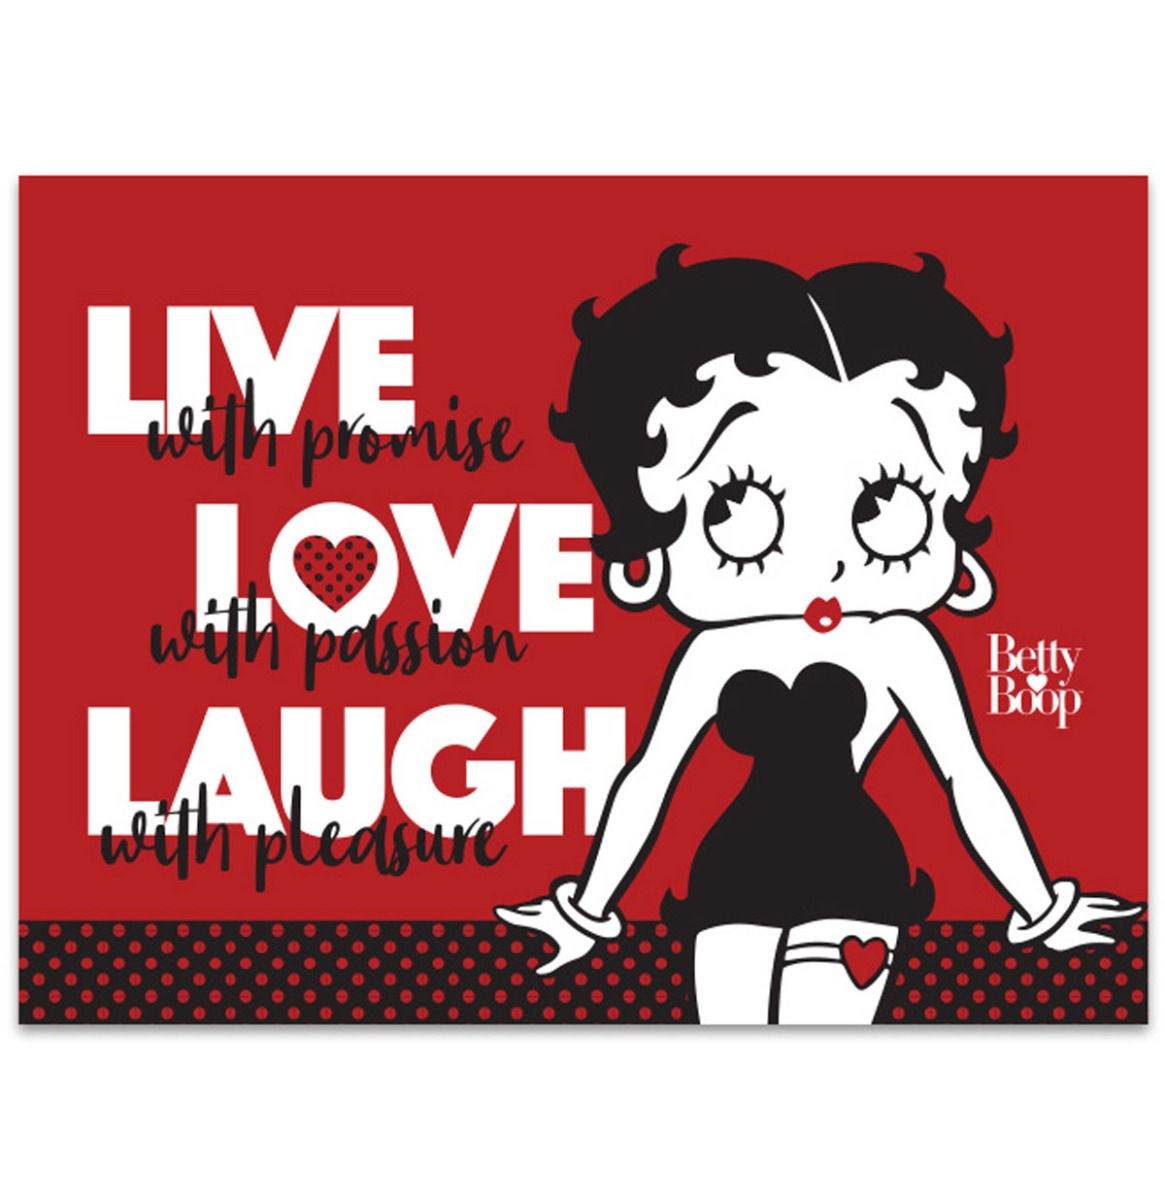 Betty Boop Live Love Laugh - Metalen Bord Met Reliëf - 43 x 31 cm